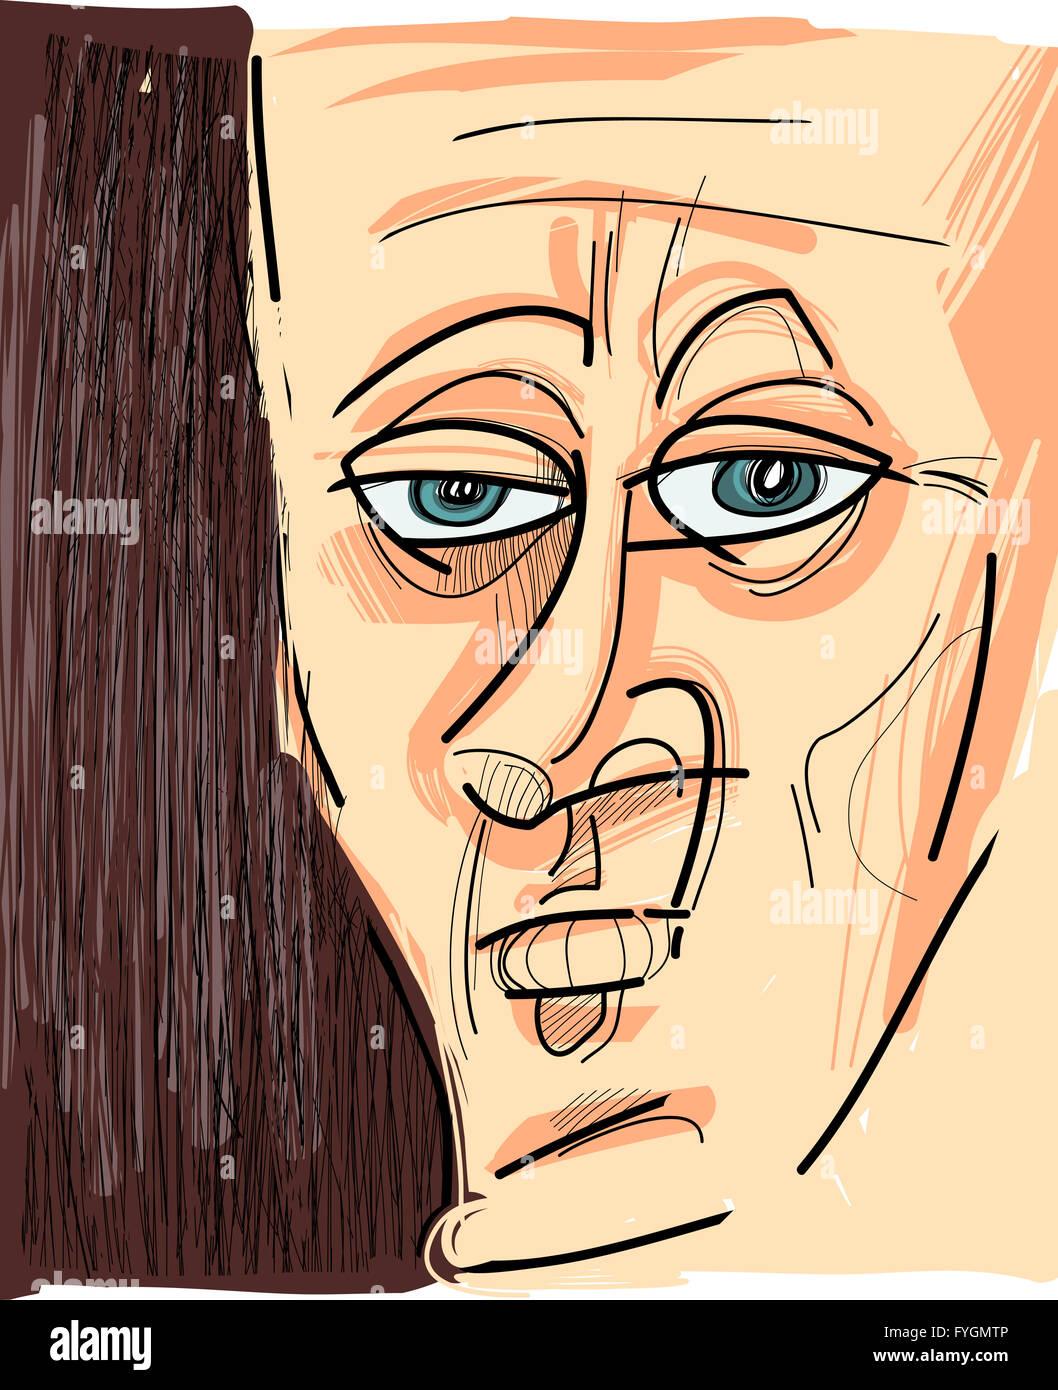 Visage De L Homme Illustration Croquis Dessin Animé Banque D